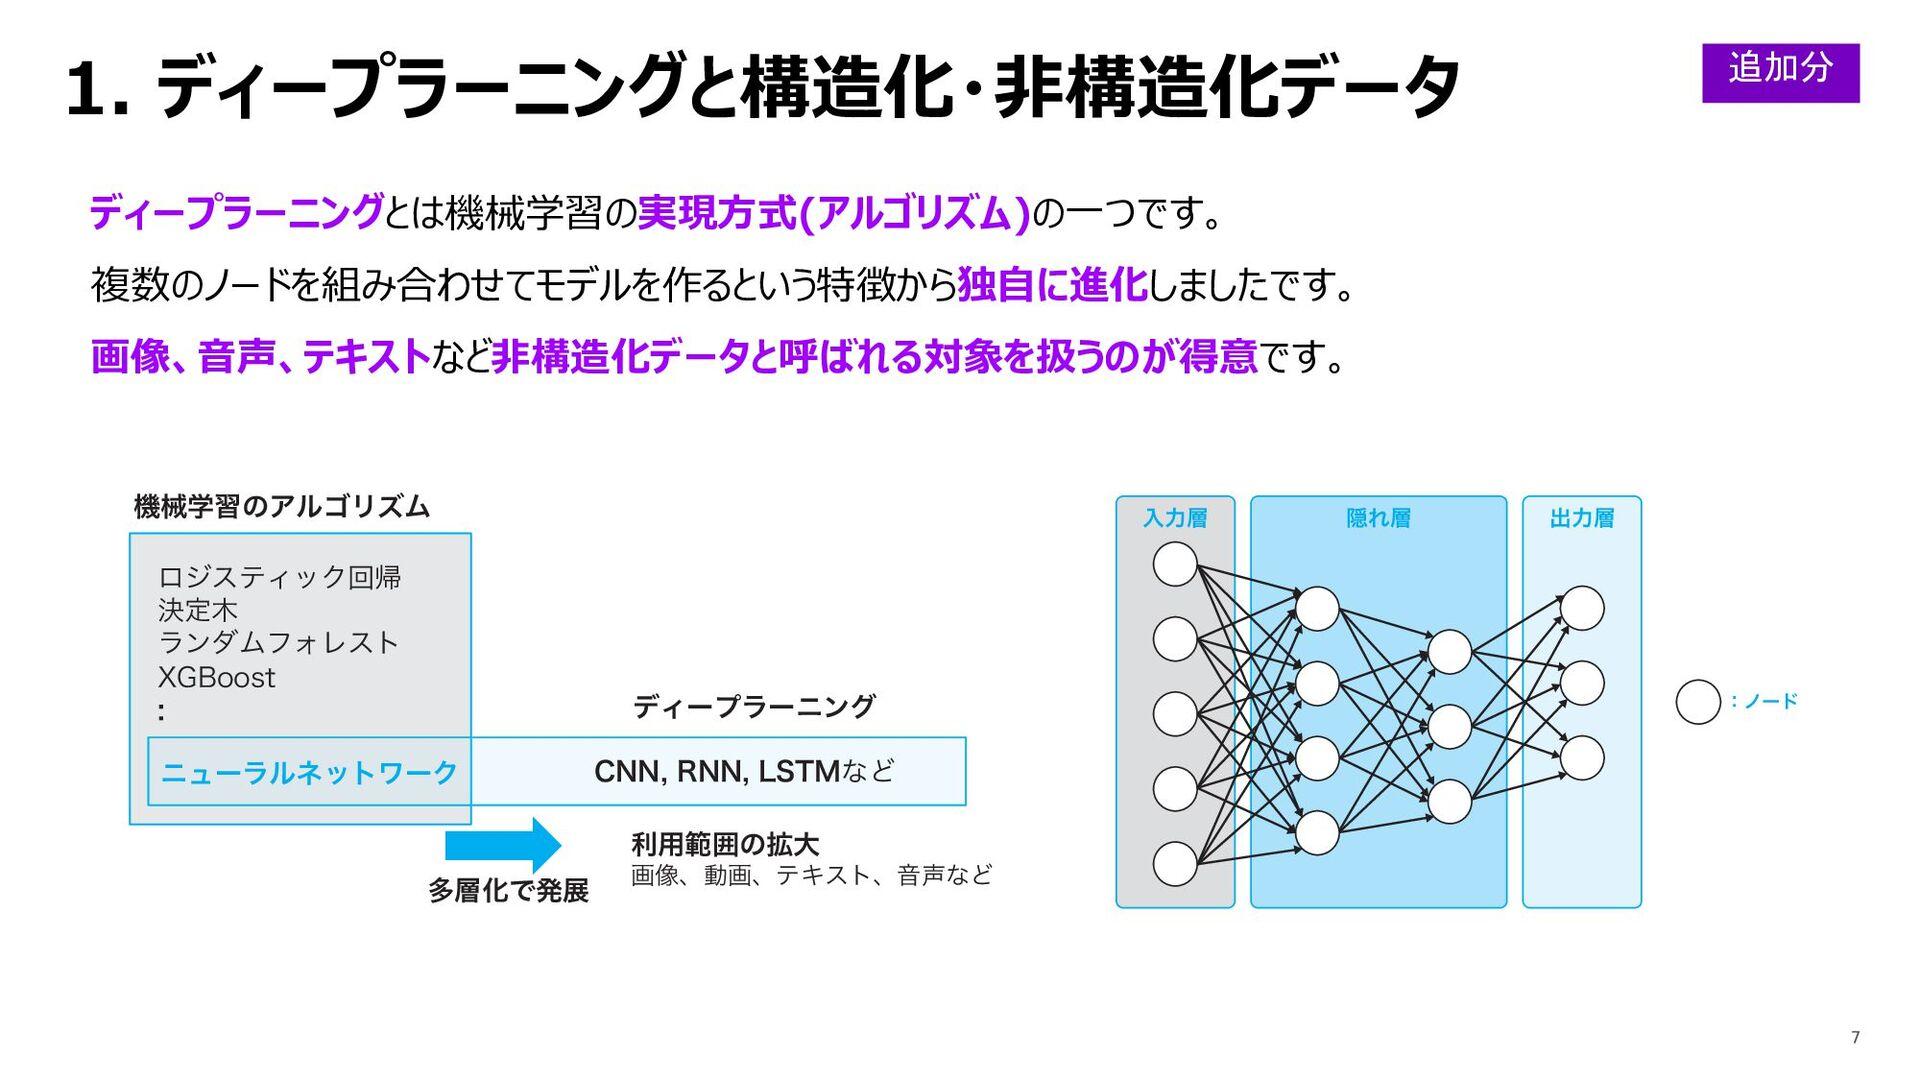 1. ディープラーニングと構造化・⾮構造化データ ディープラーニングとは機械学習の実現⽅式(ア...